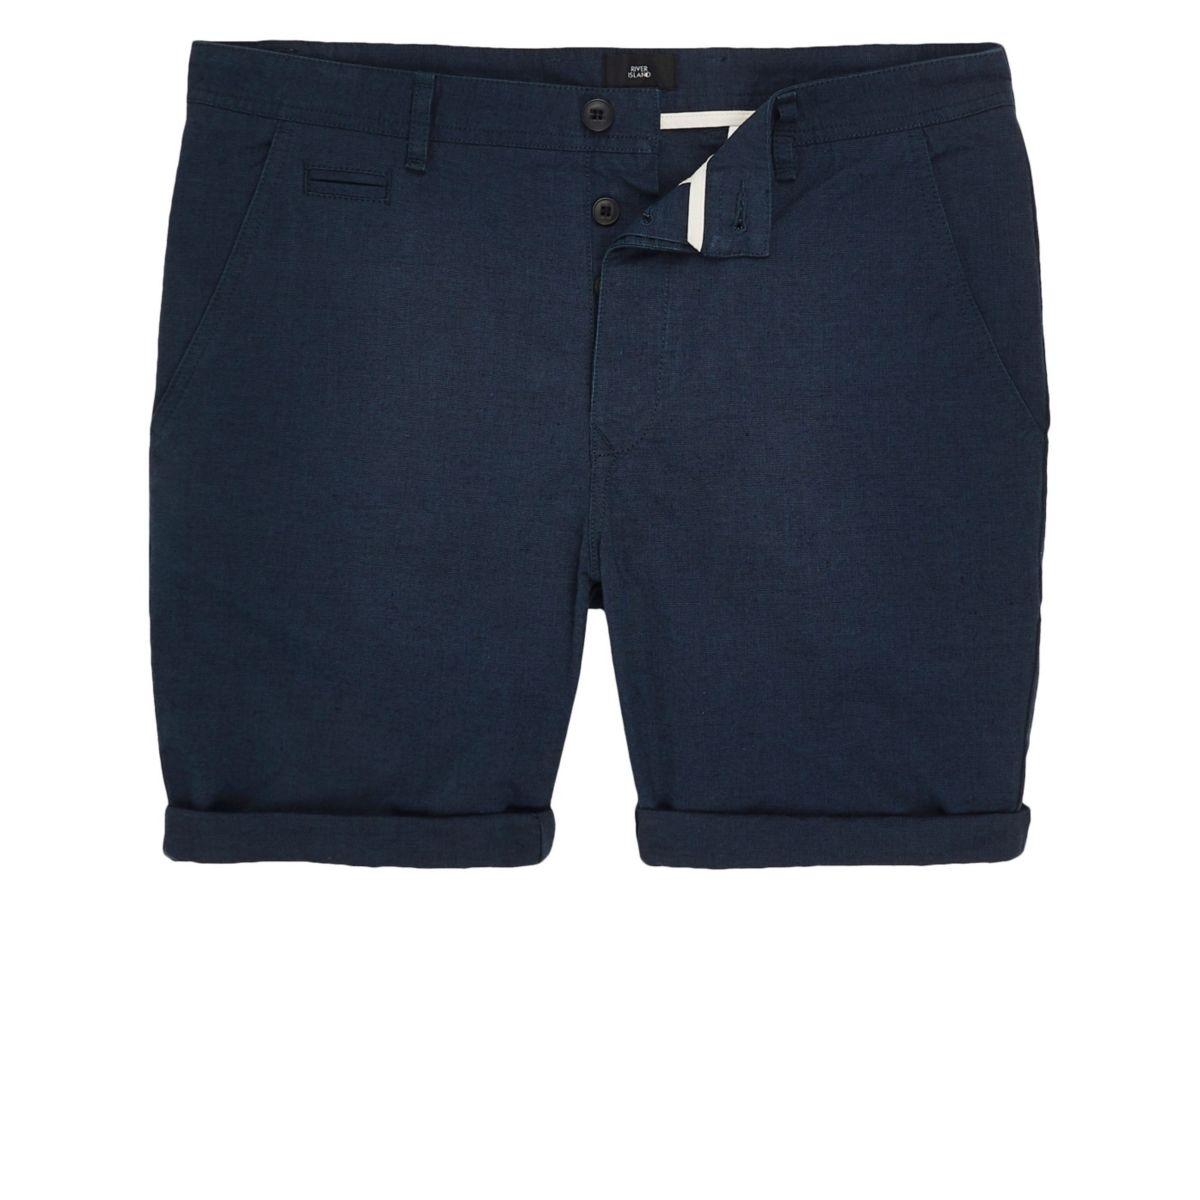 chino slim shorts Oxford fit Navy tpxdwqC66